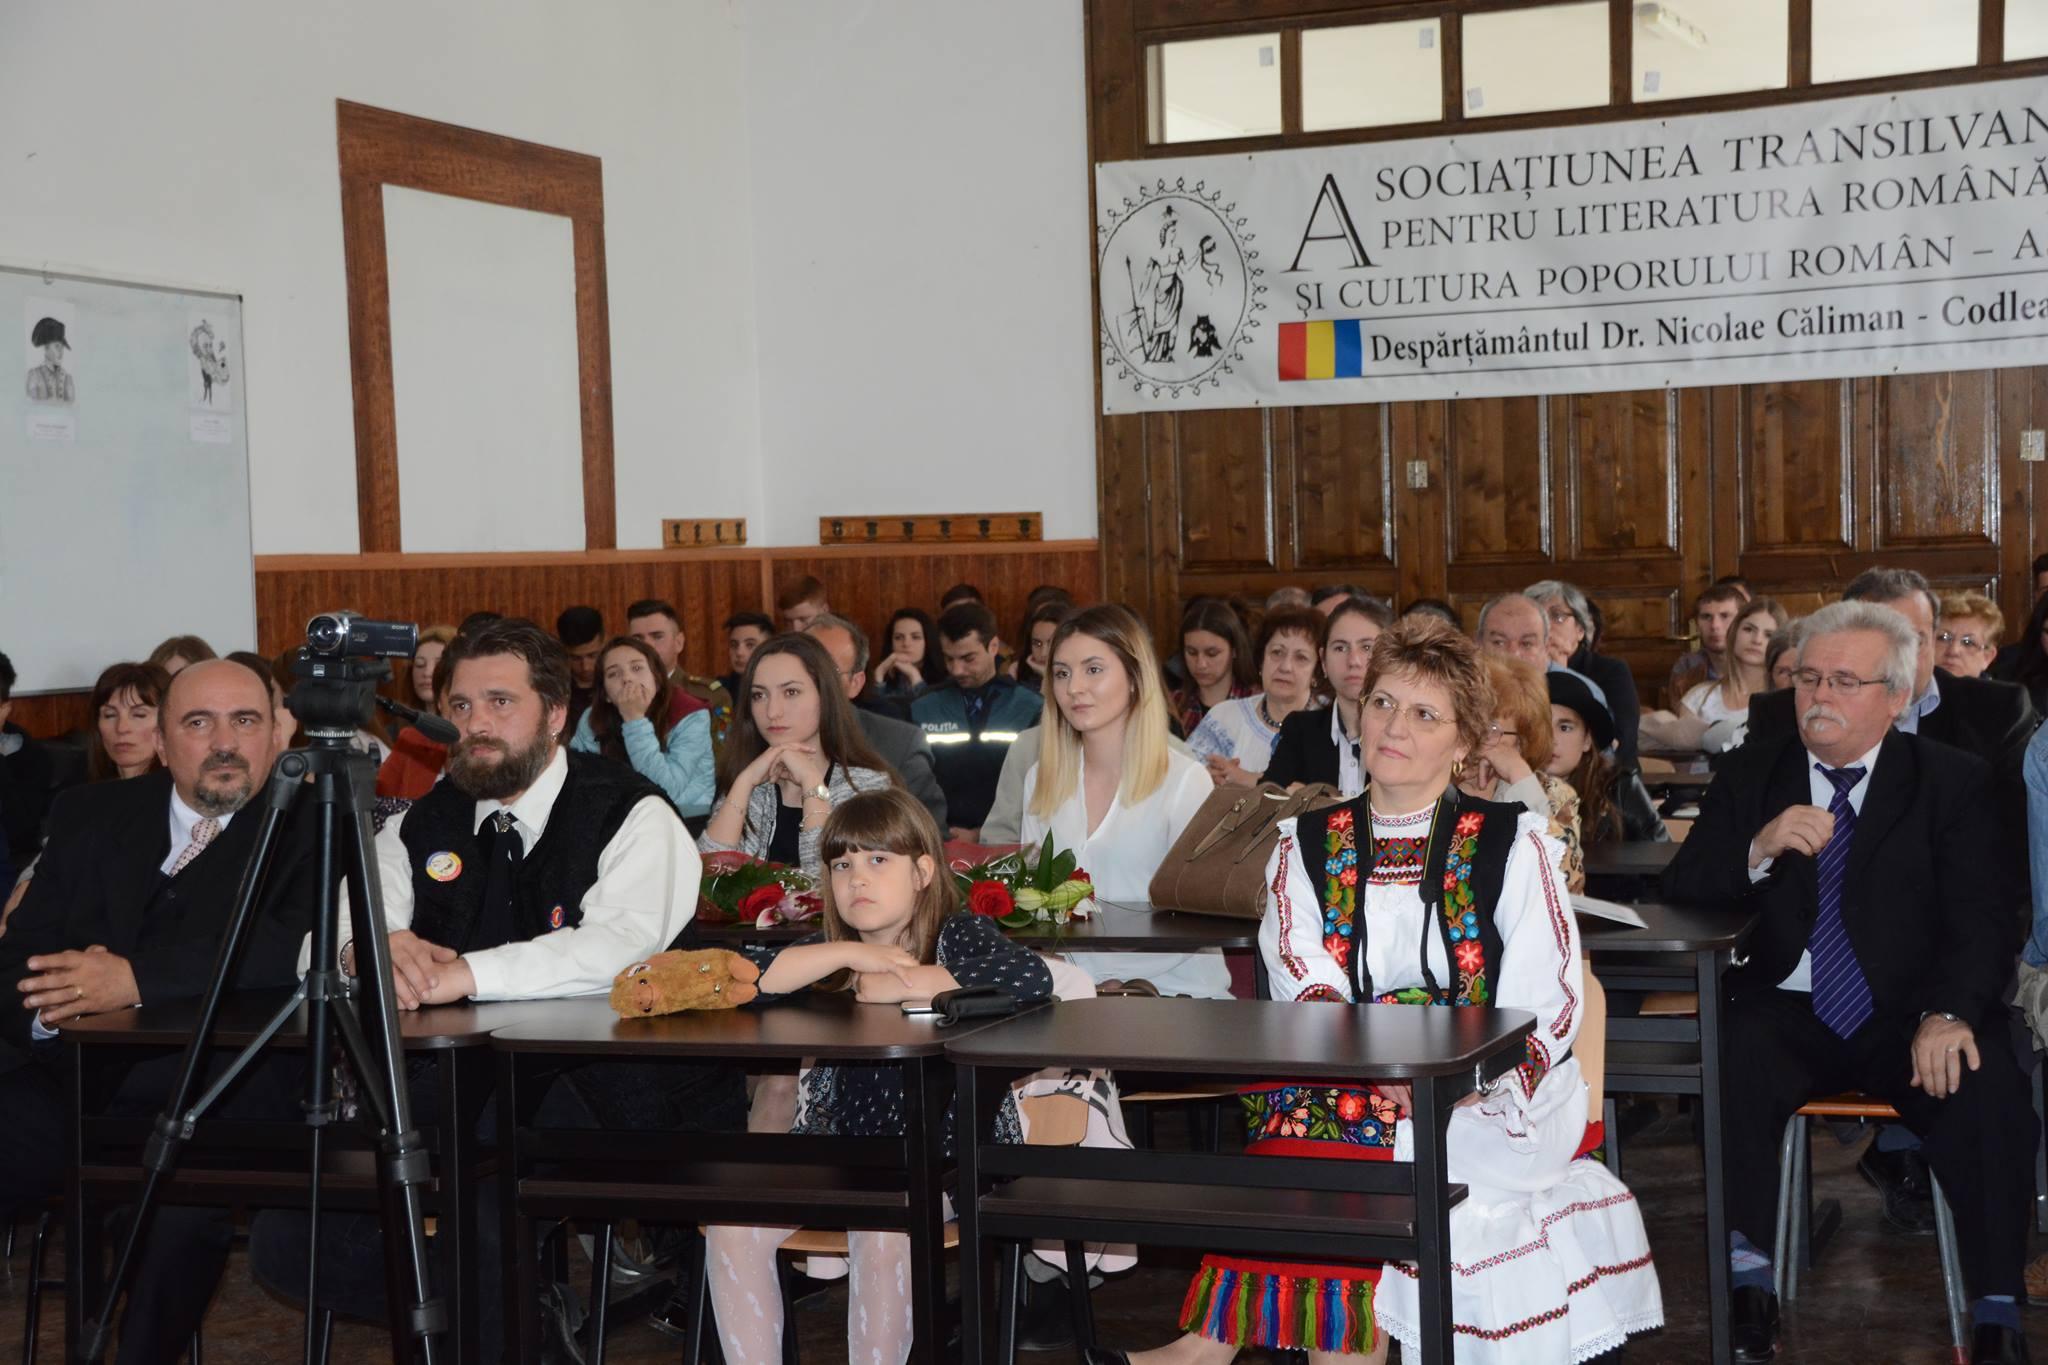 ziua-regalitatii-codlea (2)